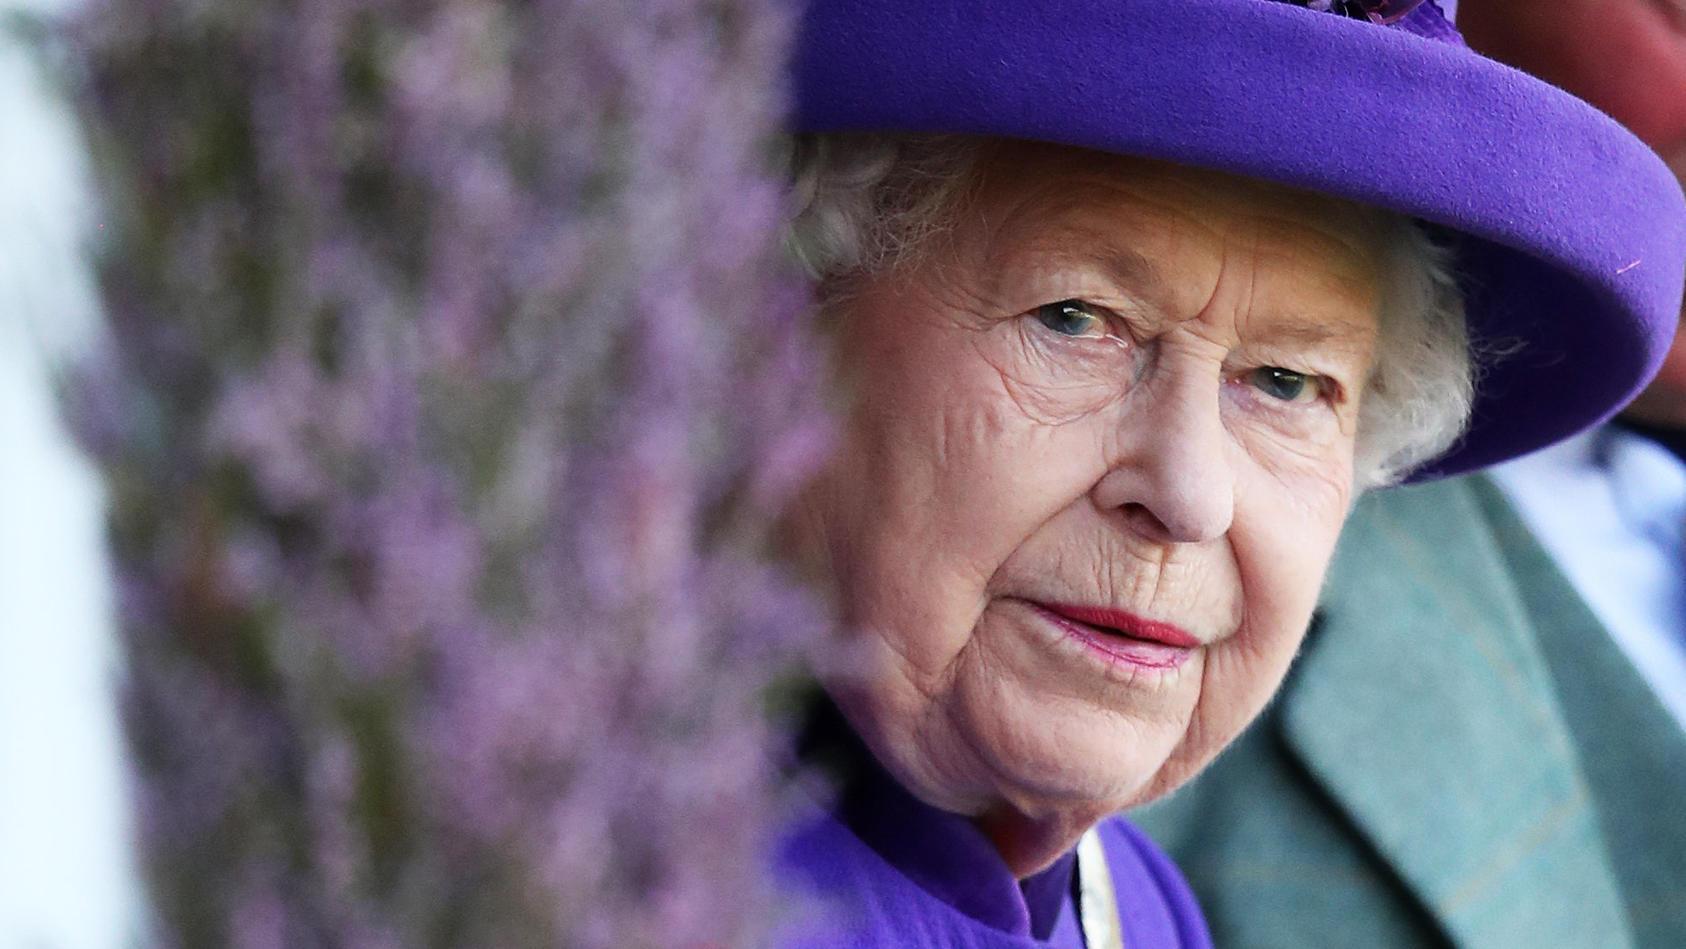 Hat sich die Queen etwa mit dem Coronavirus angesteckt? Im Buckingham Palast herrscht Alarmbereitschaft, weil ein Mitarbeiter erkrankt ist.